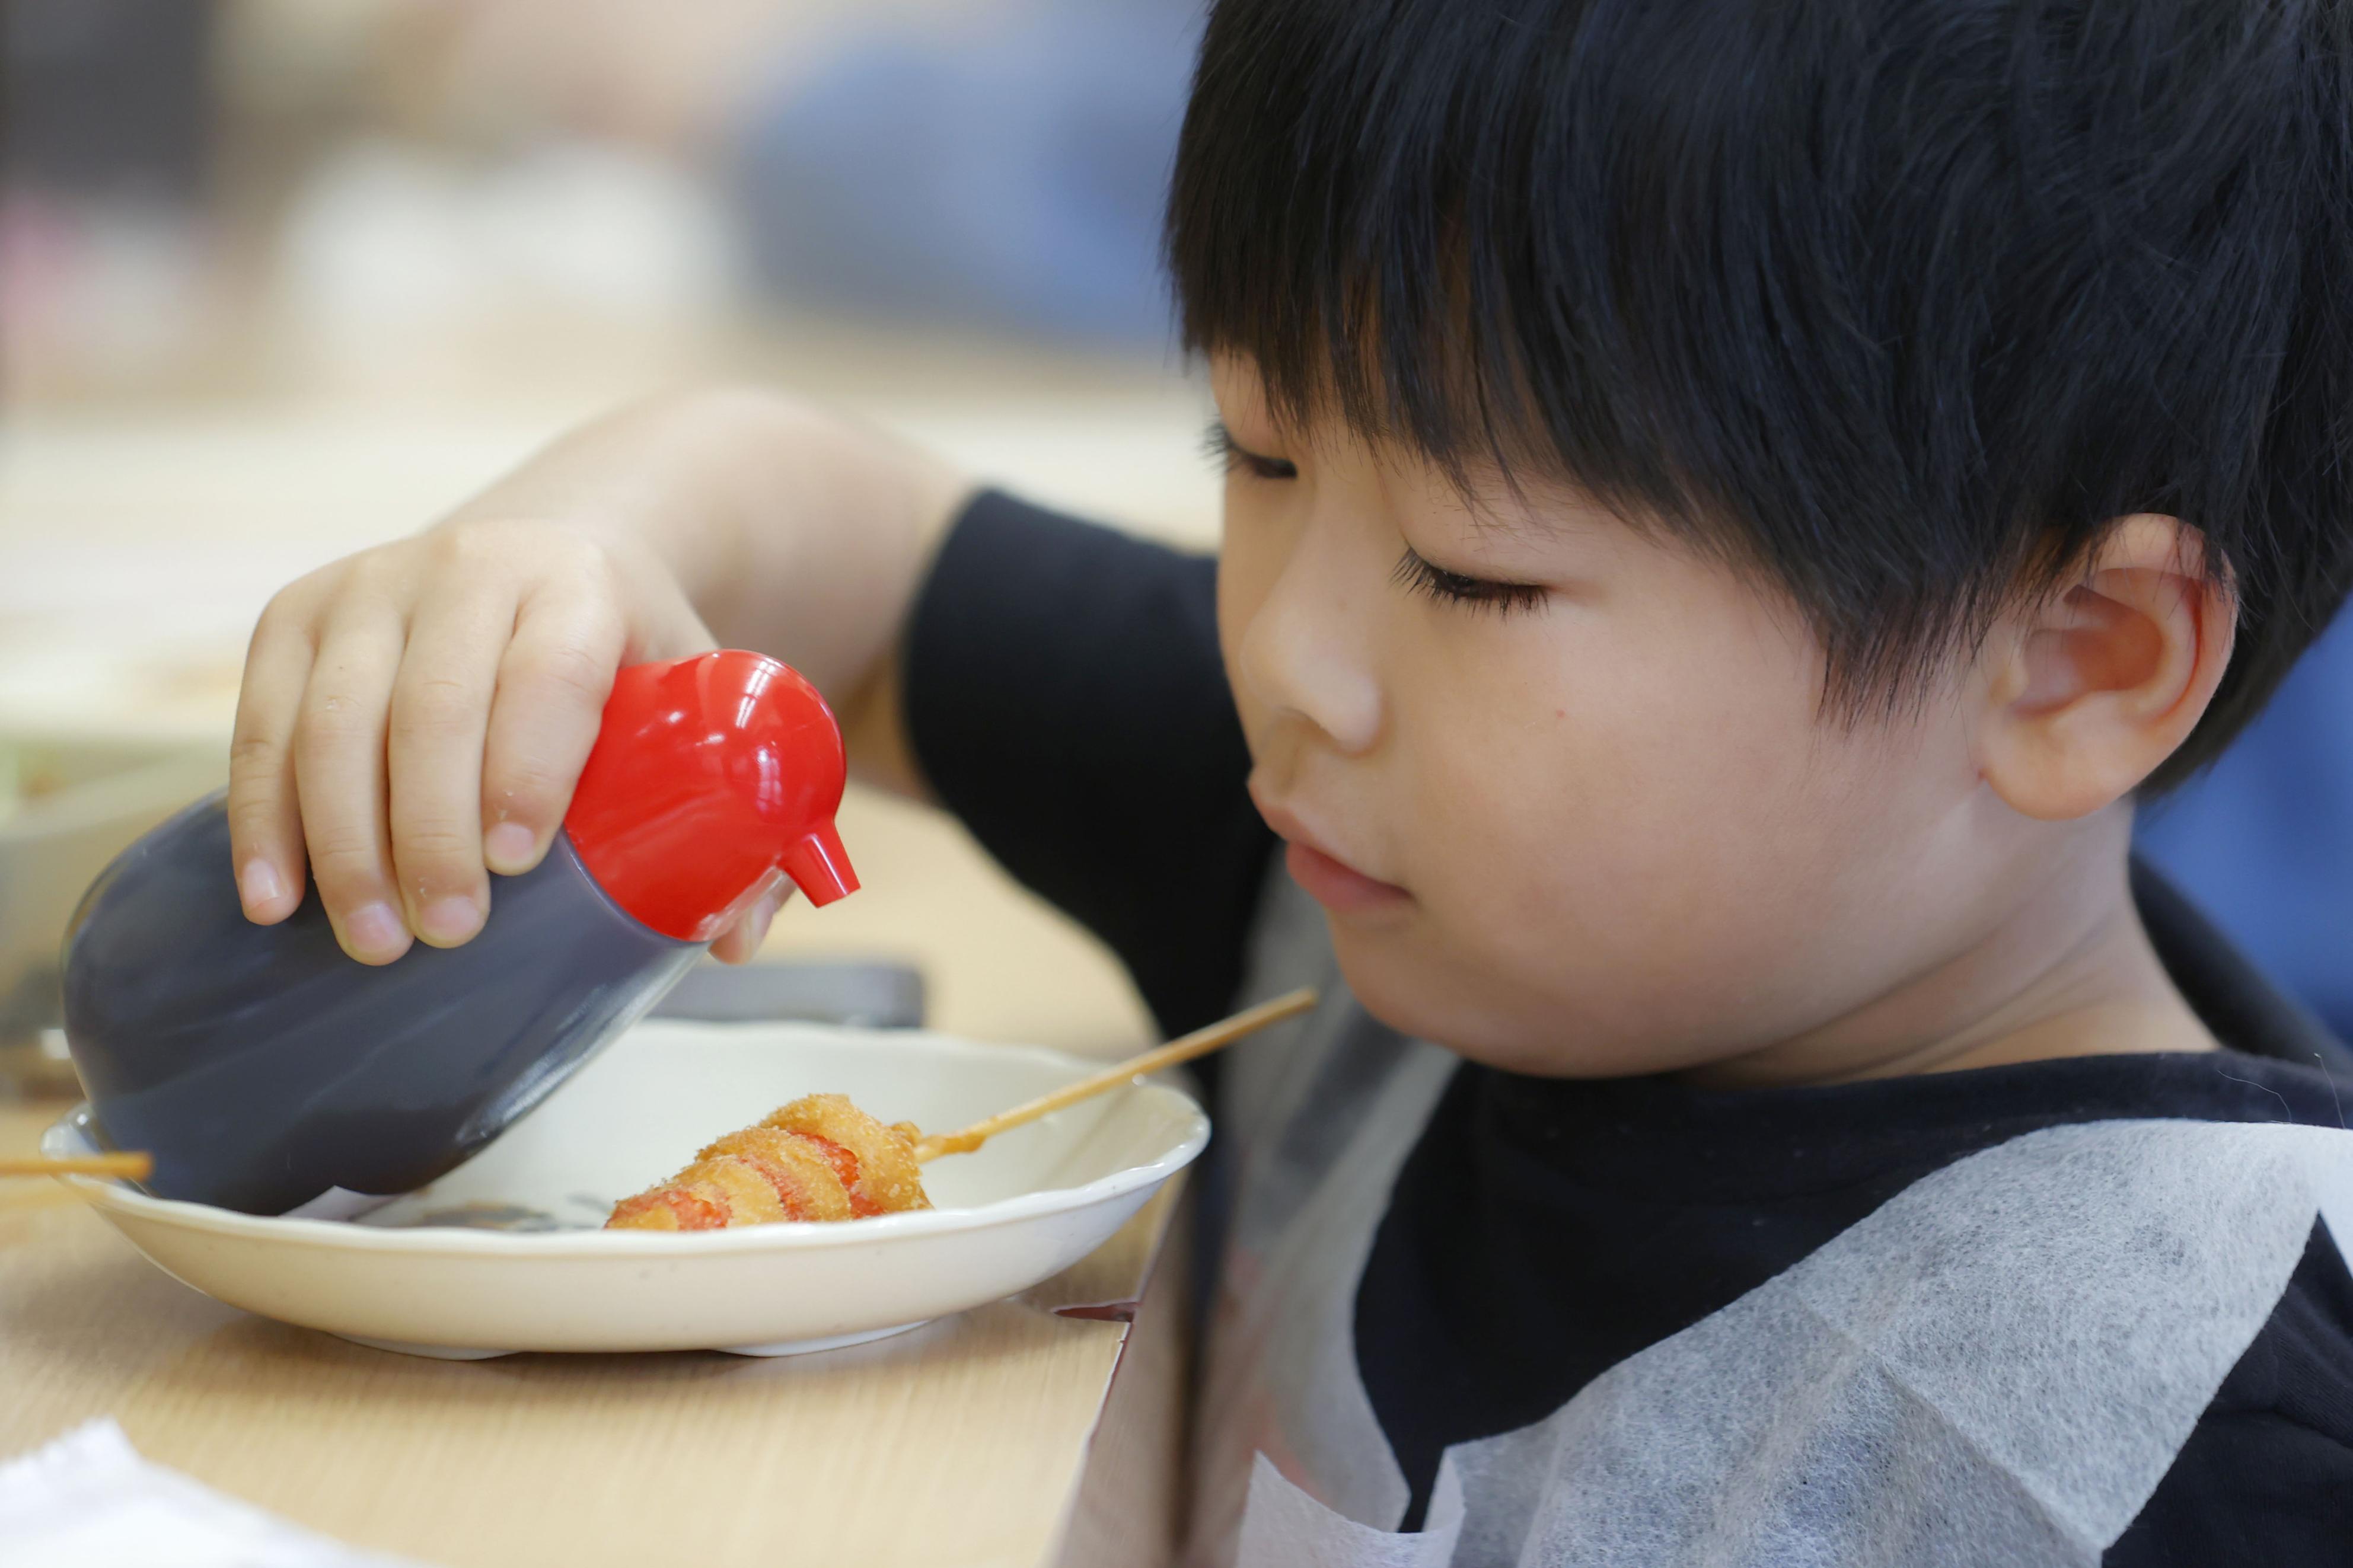 串カツにソースをかける男の子=20日、大阪・新世界の「串かつだるま通天閣店」